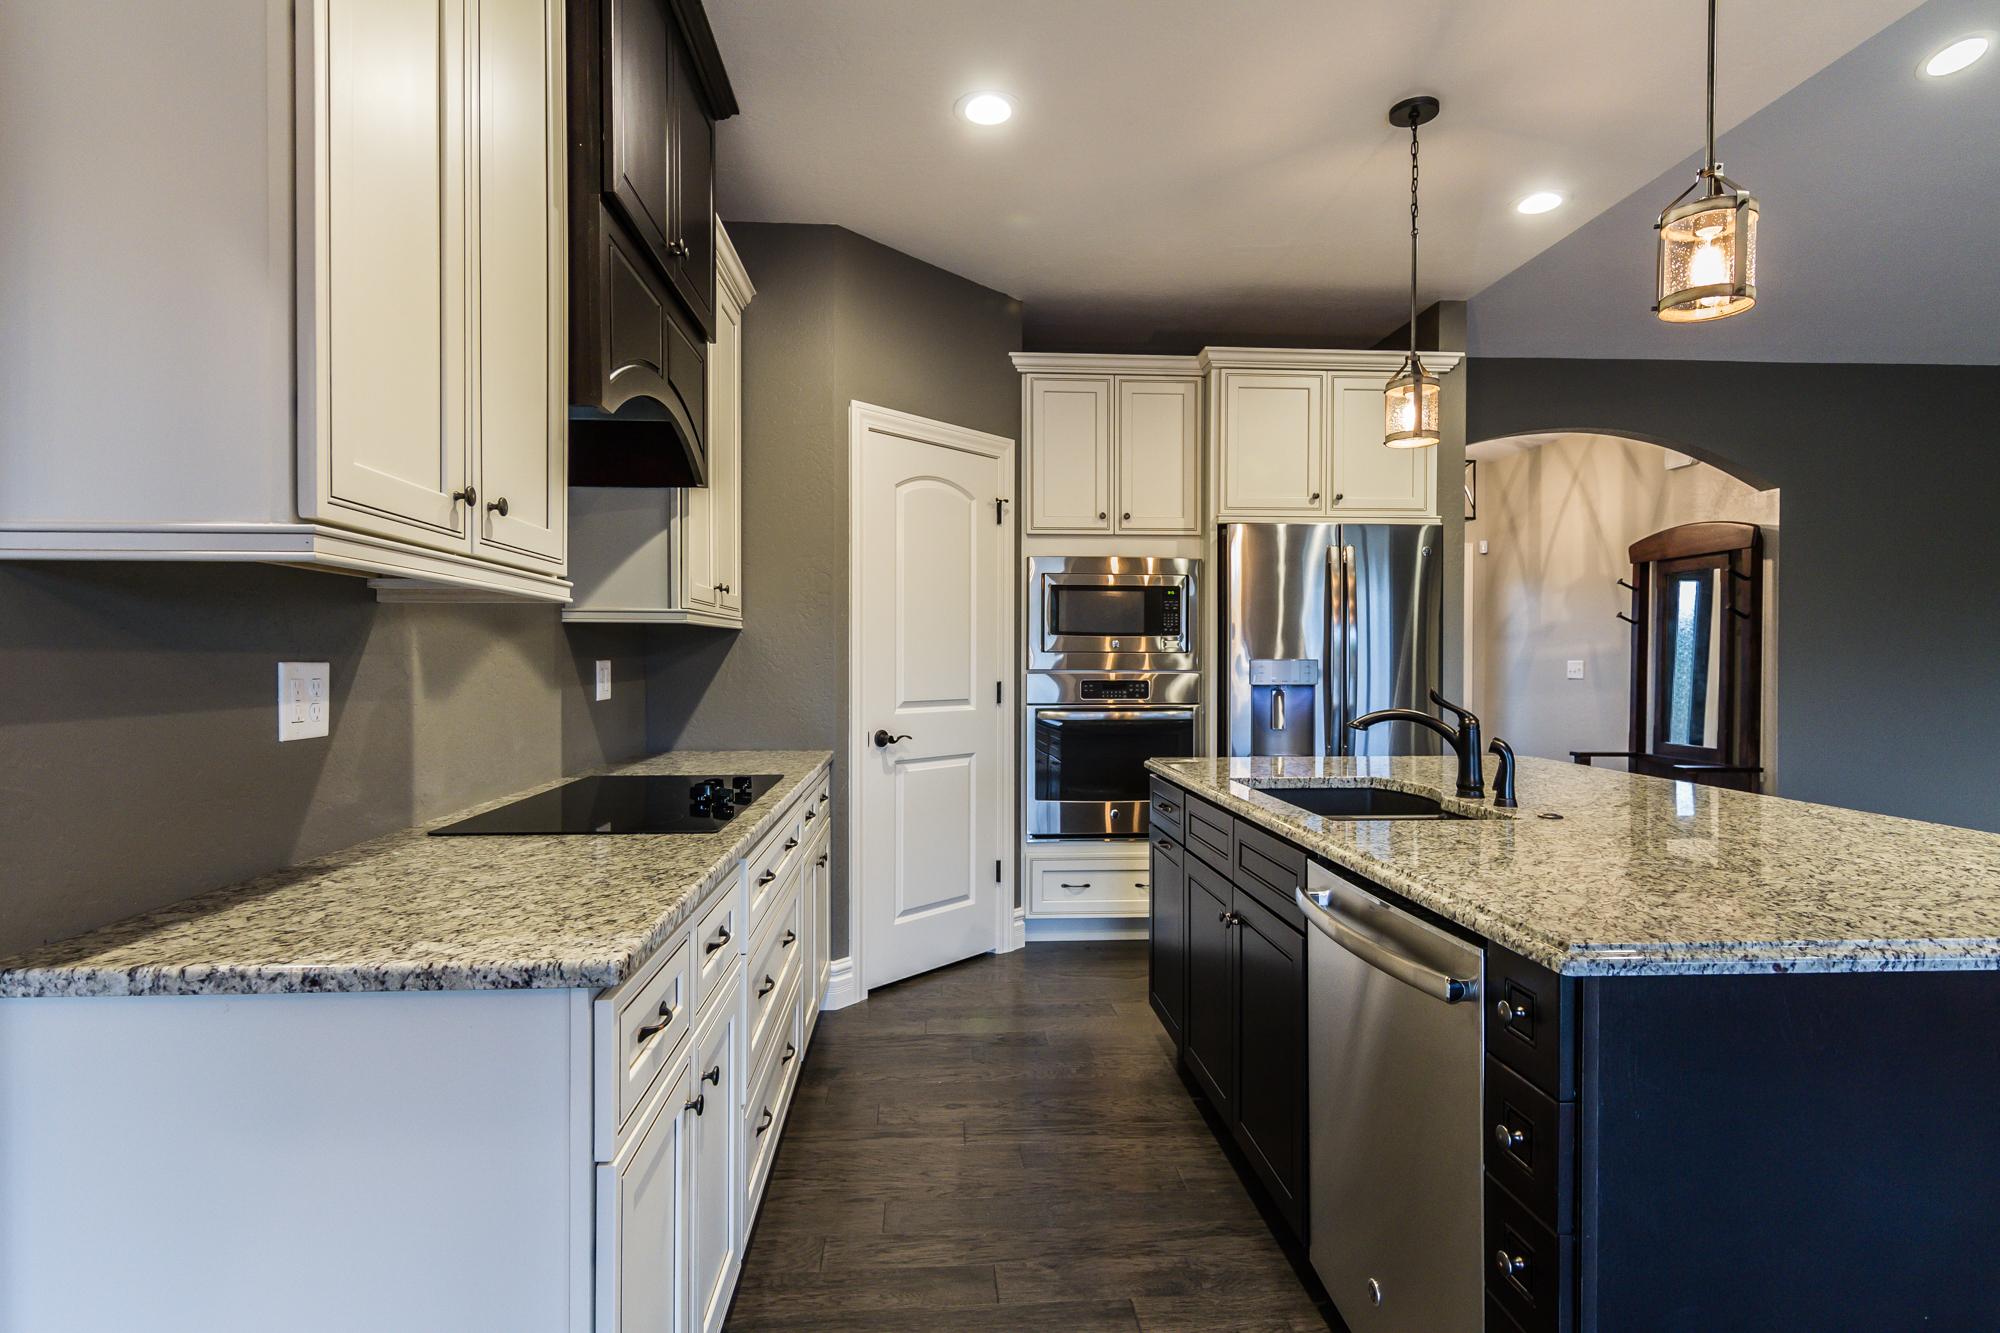 0-Scott-AFB-Real-Estate-For-Sale-O'Fallon-Illinois-62269-7.jpg